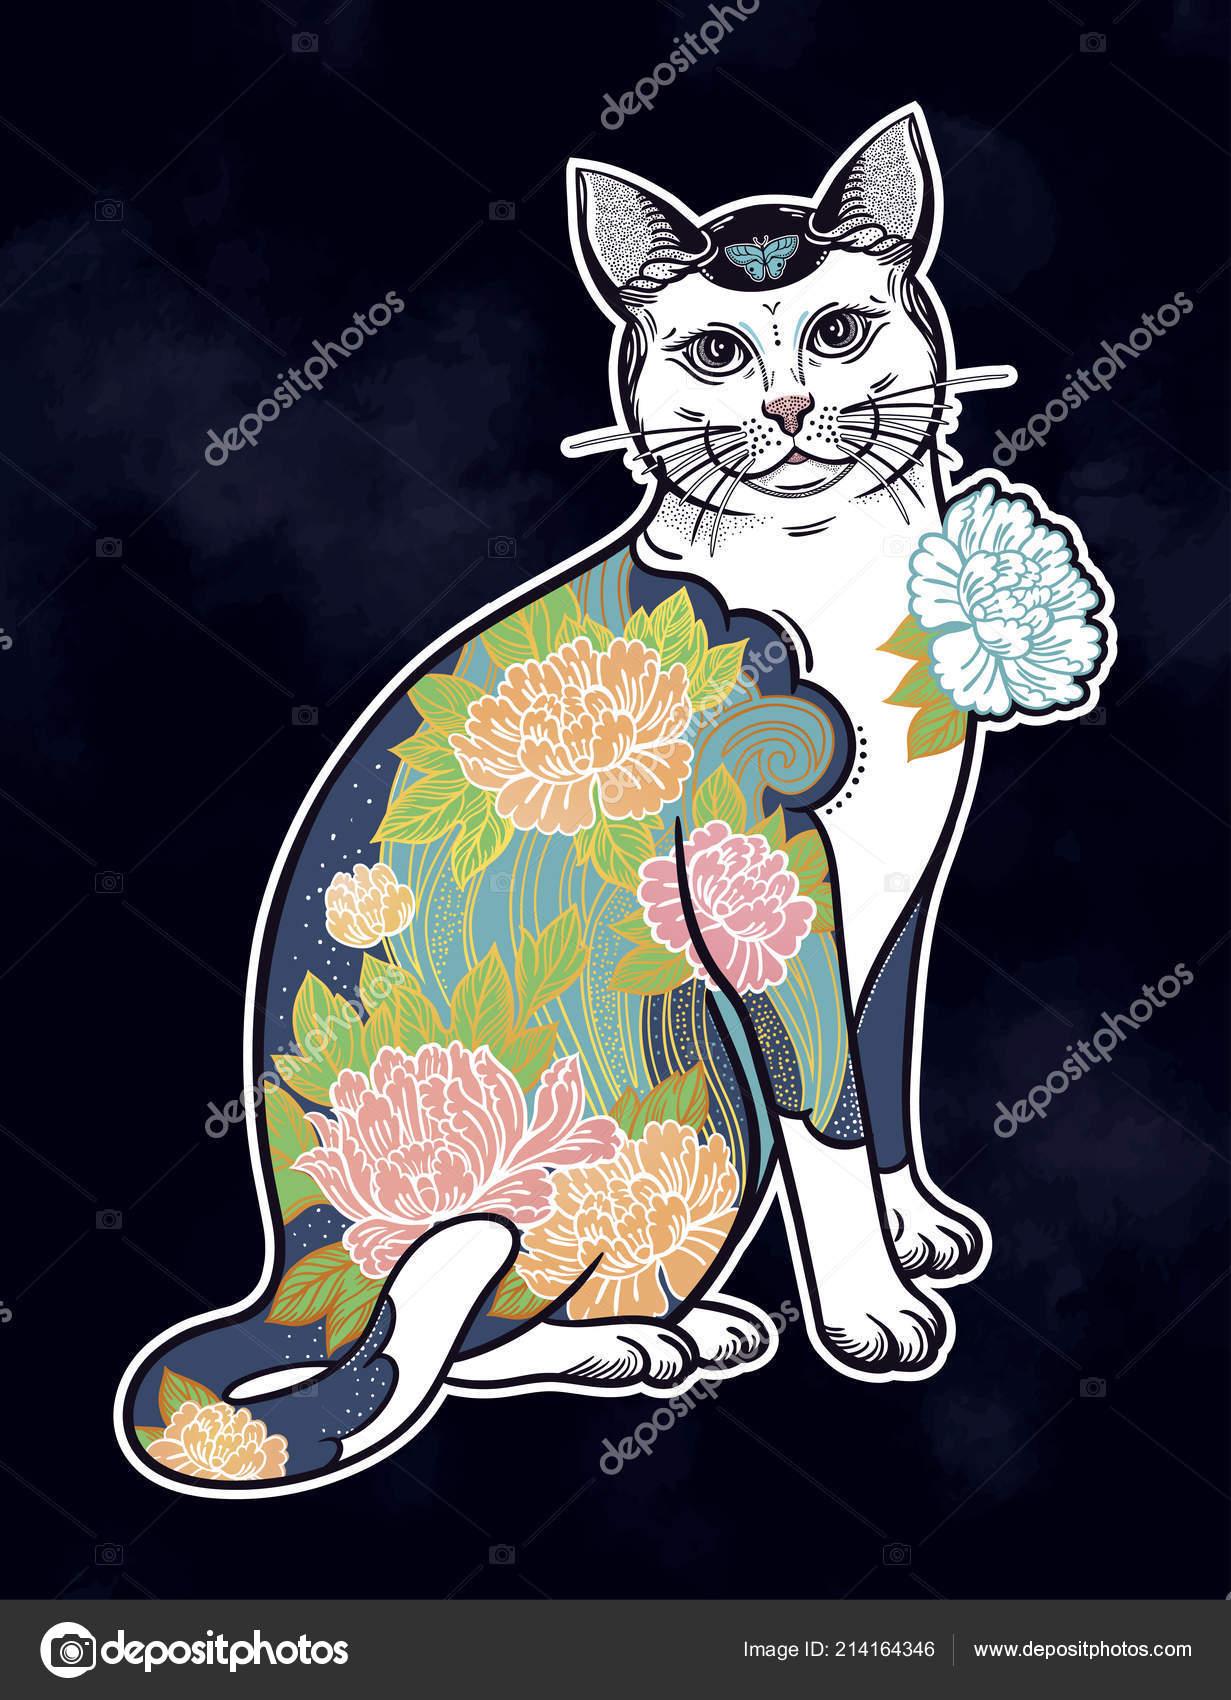 Узоры вышивка гладью цветы